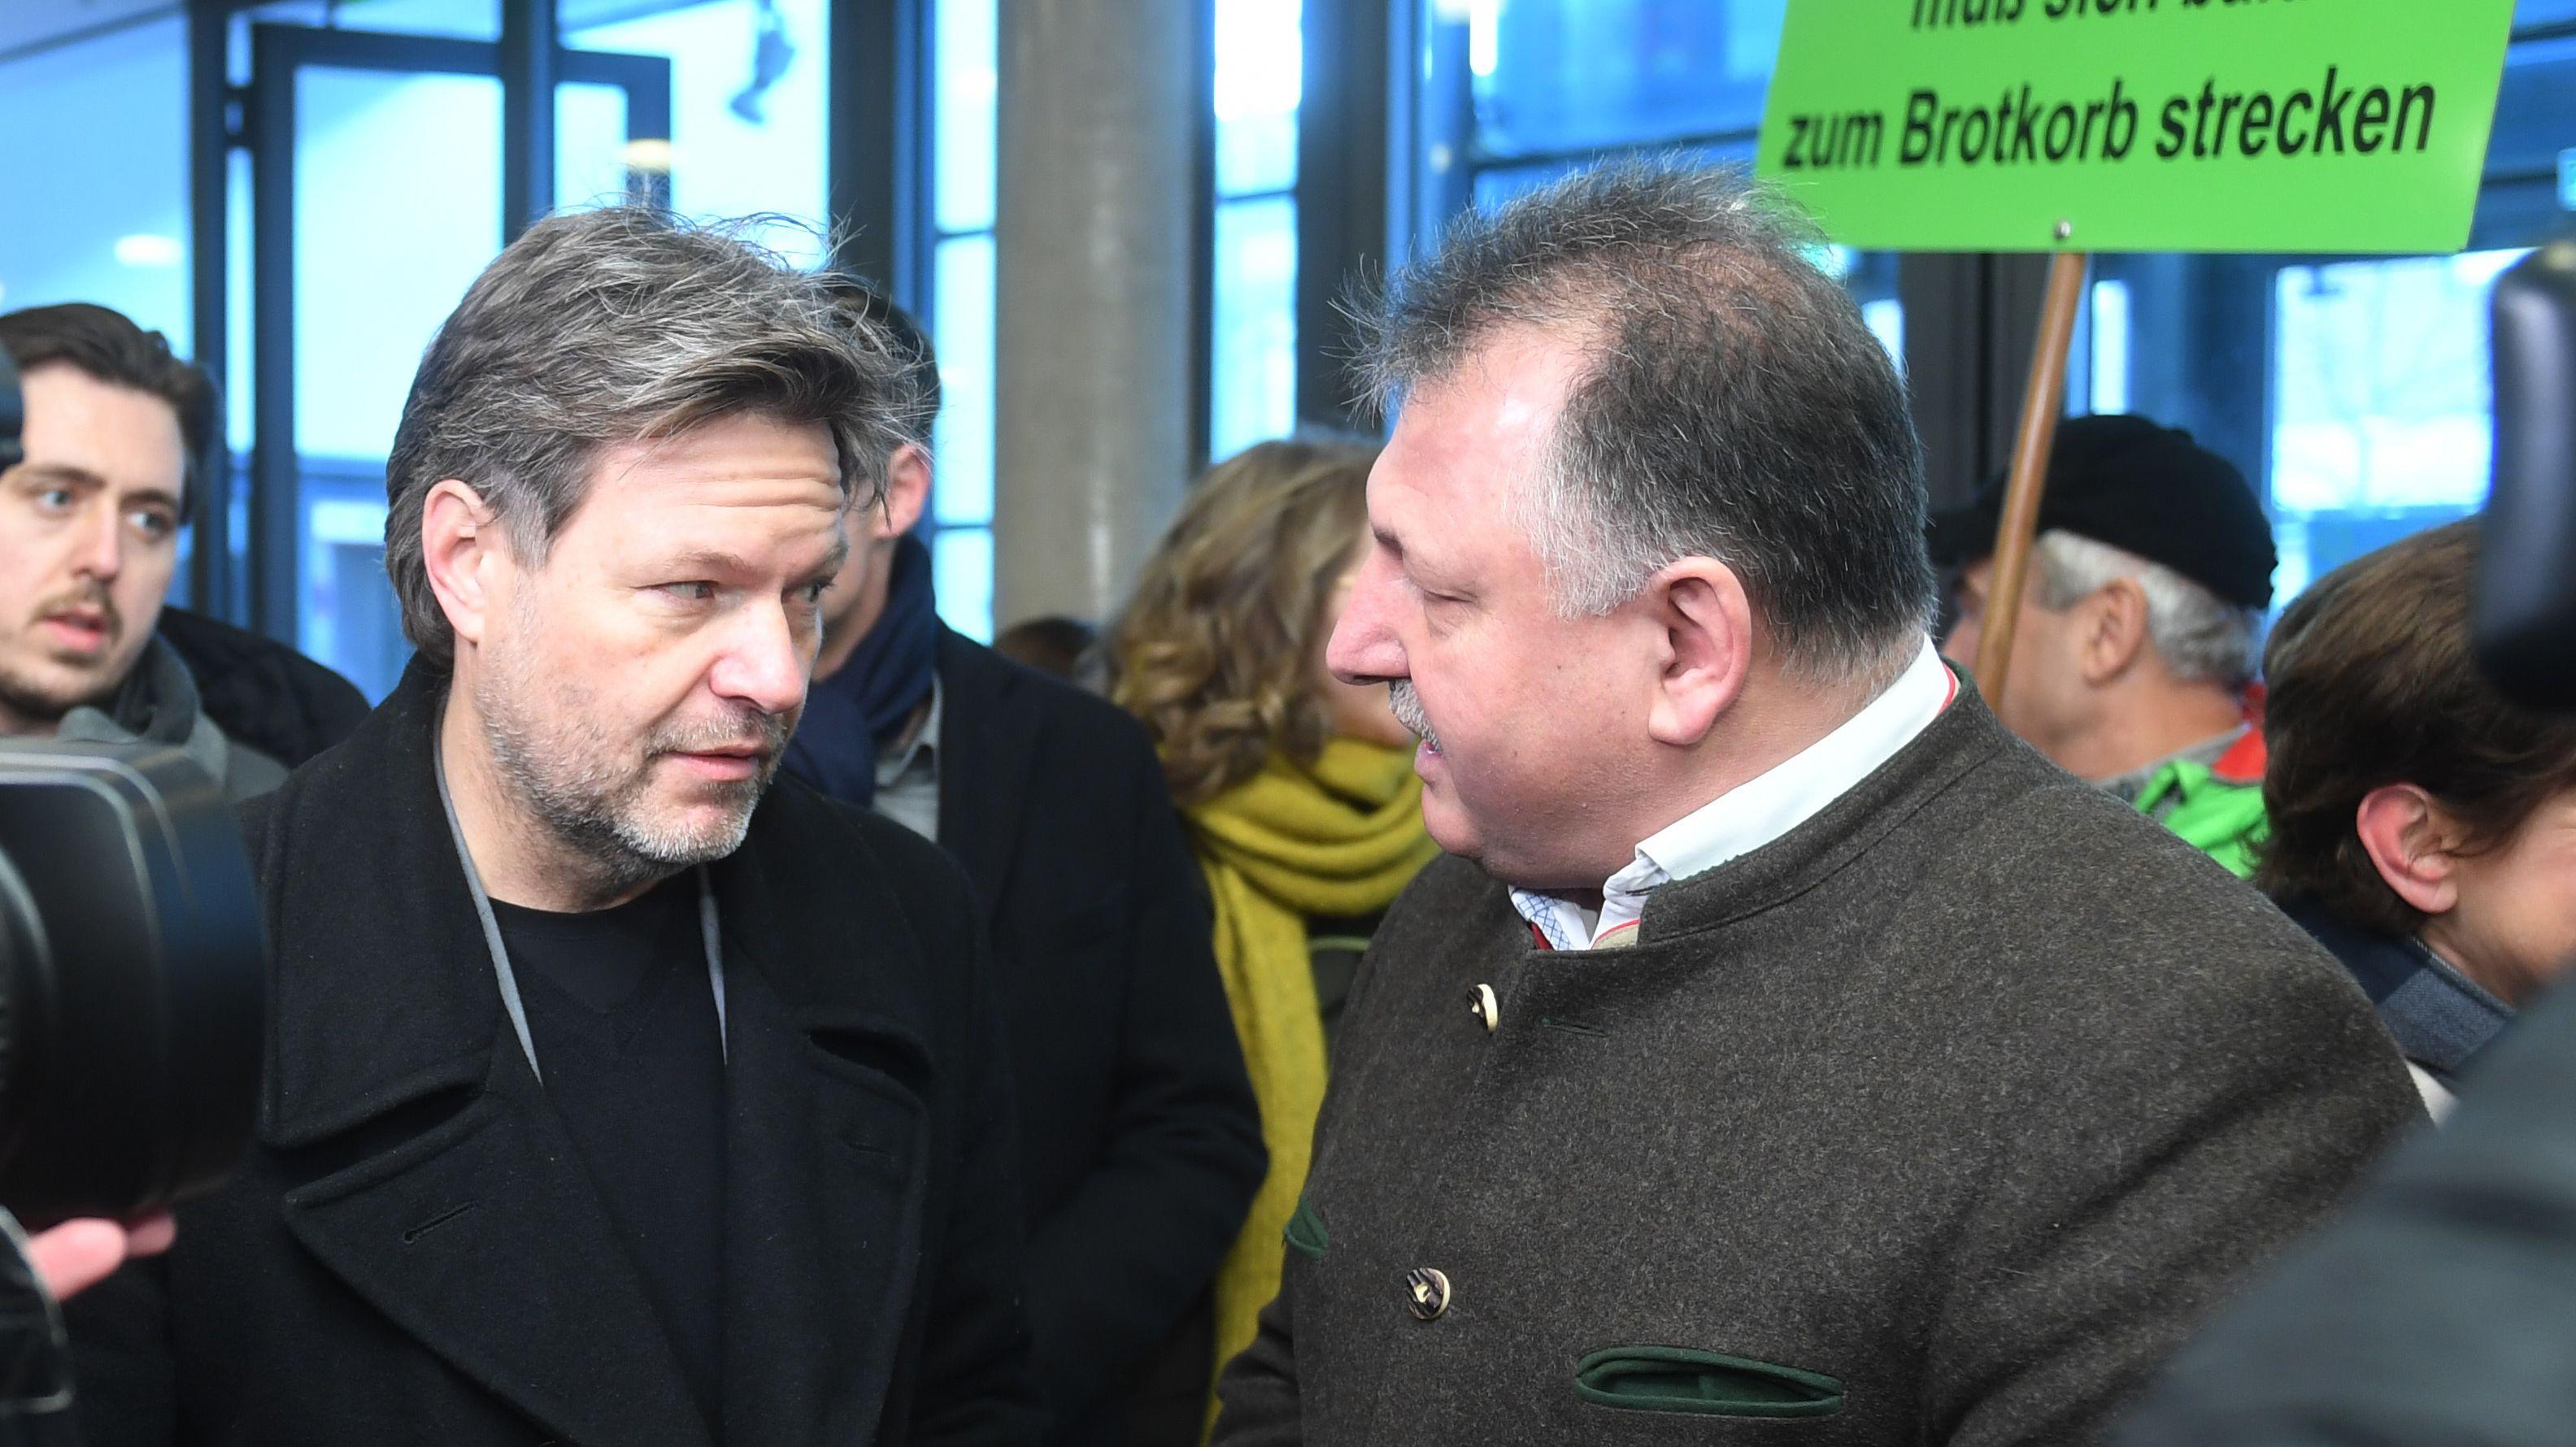 Bauern-Proteste in Landshut, mit dabei Grünen-Chef Habeck